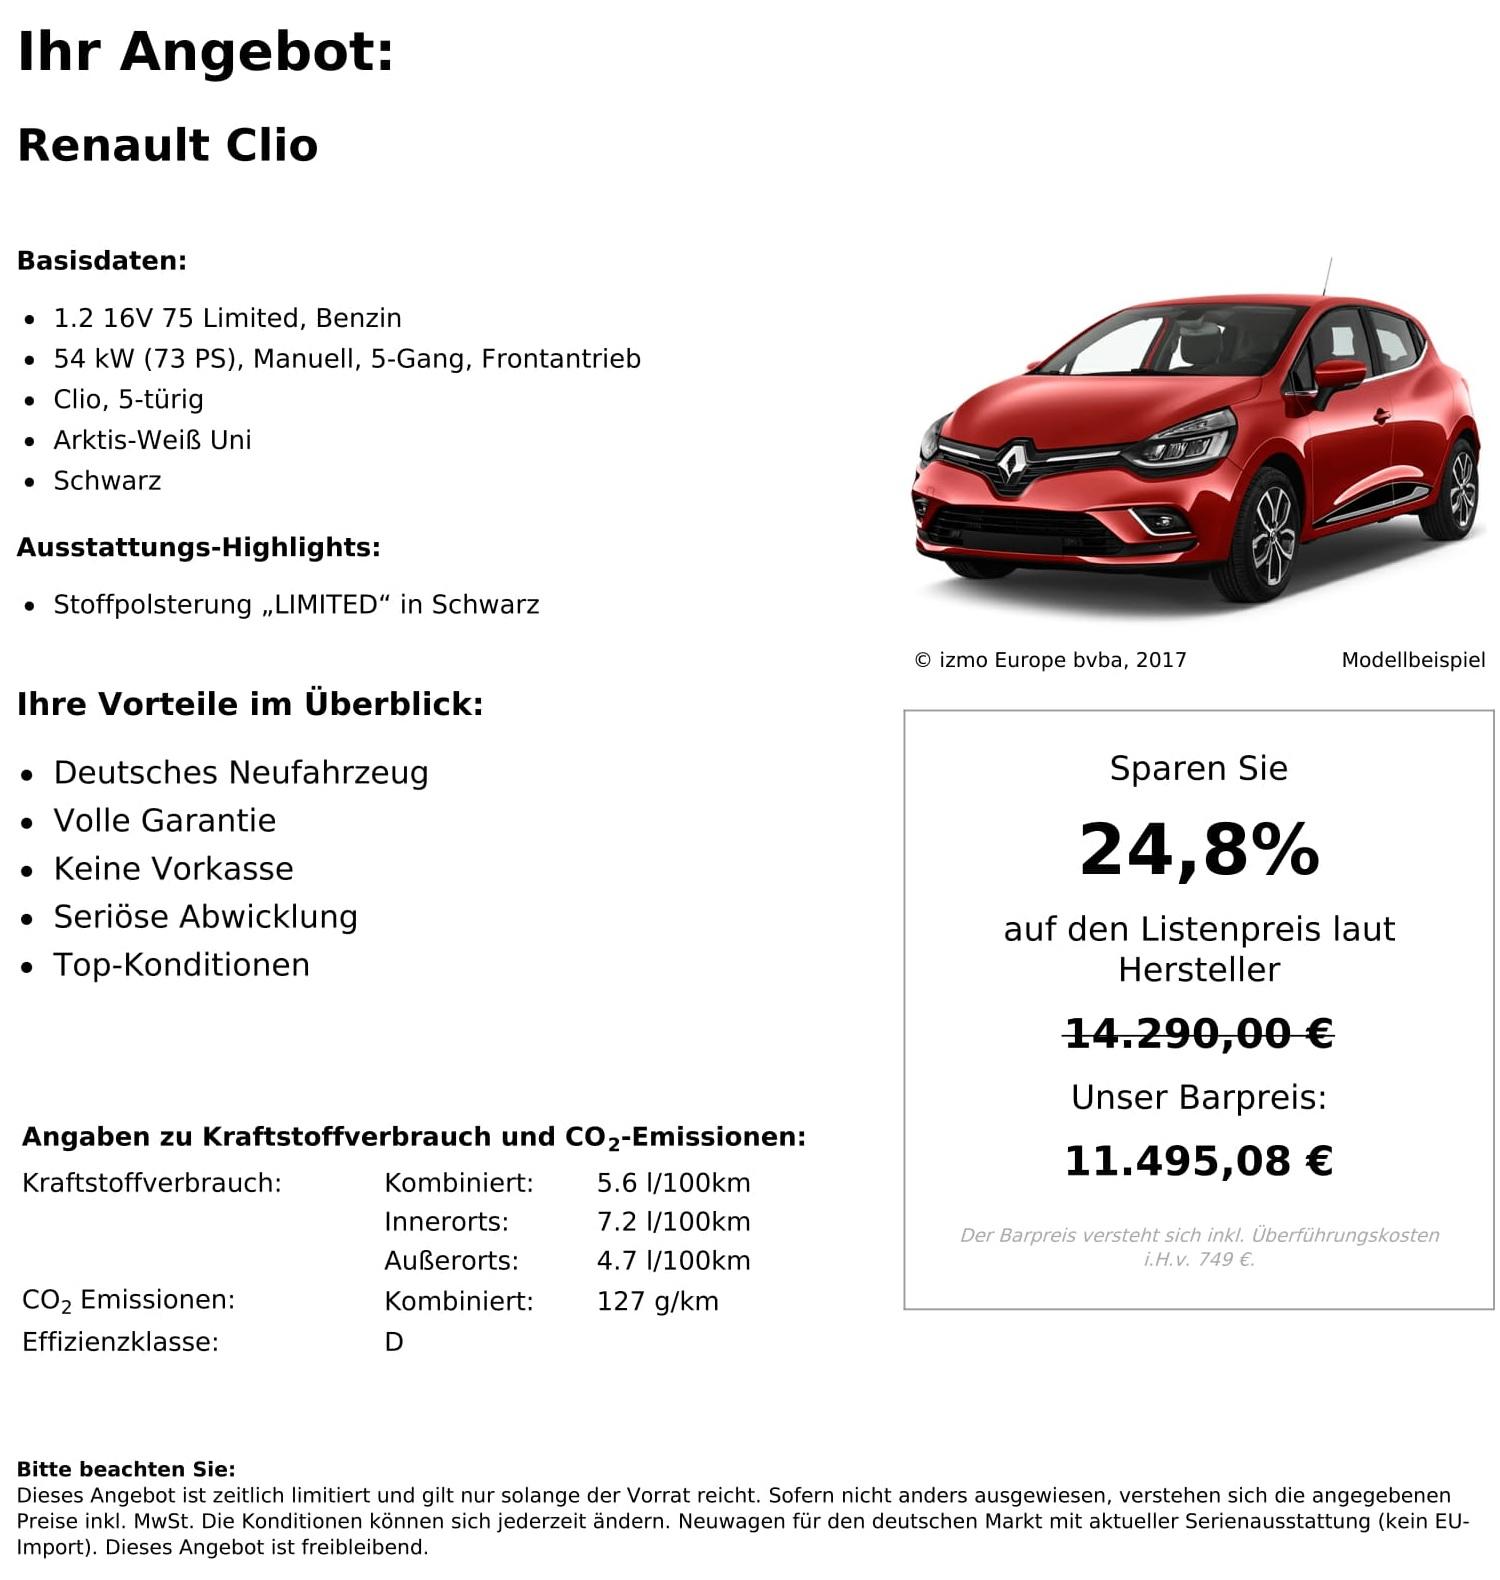 Renault Clio Neuwagen kaufen